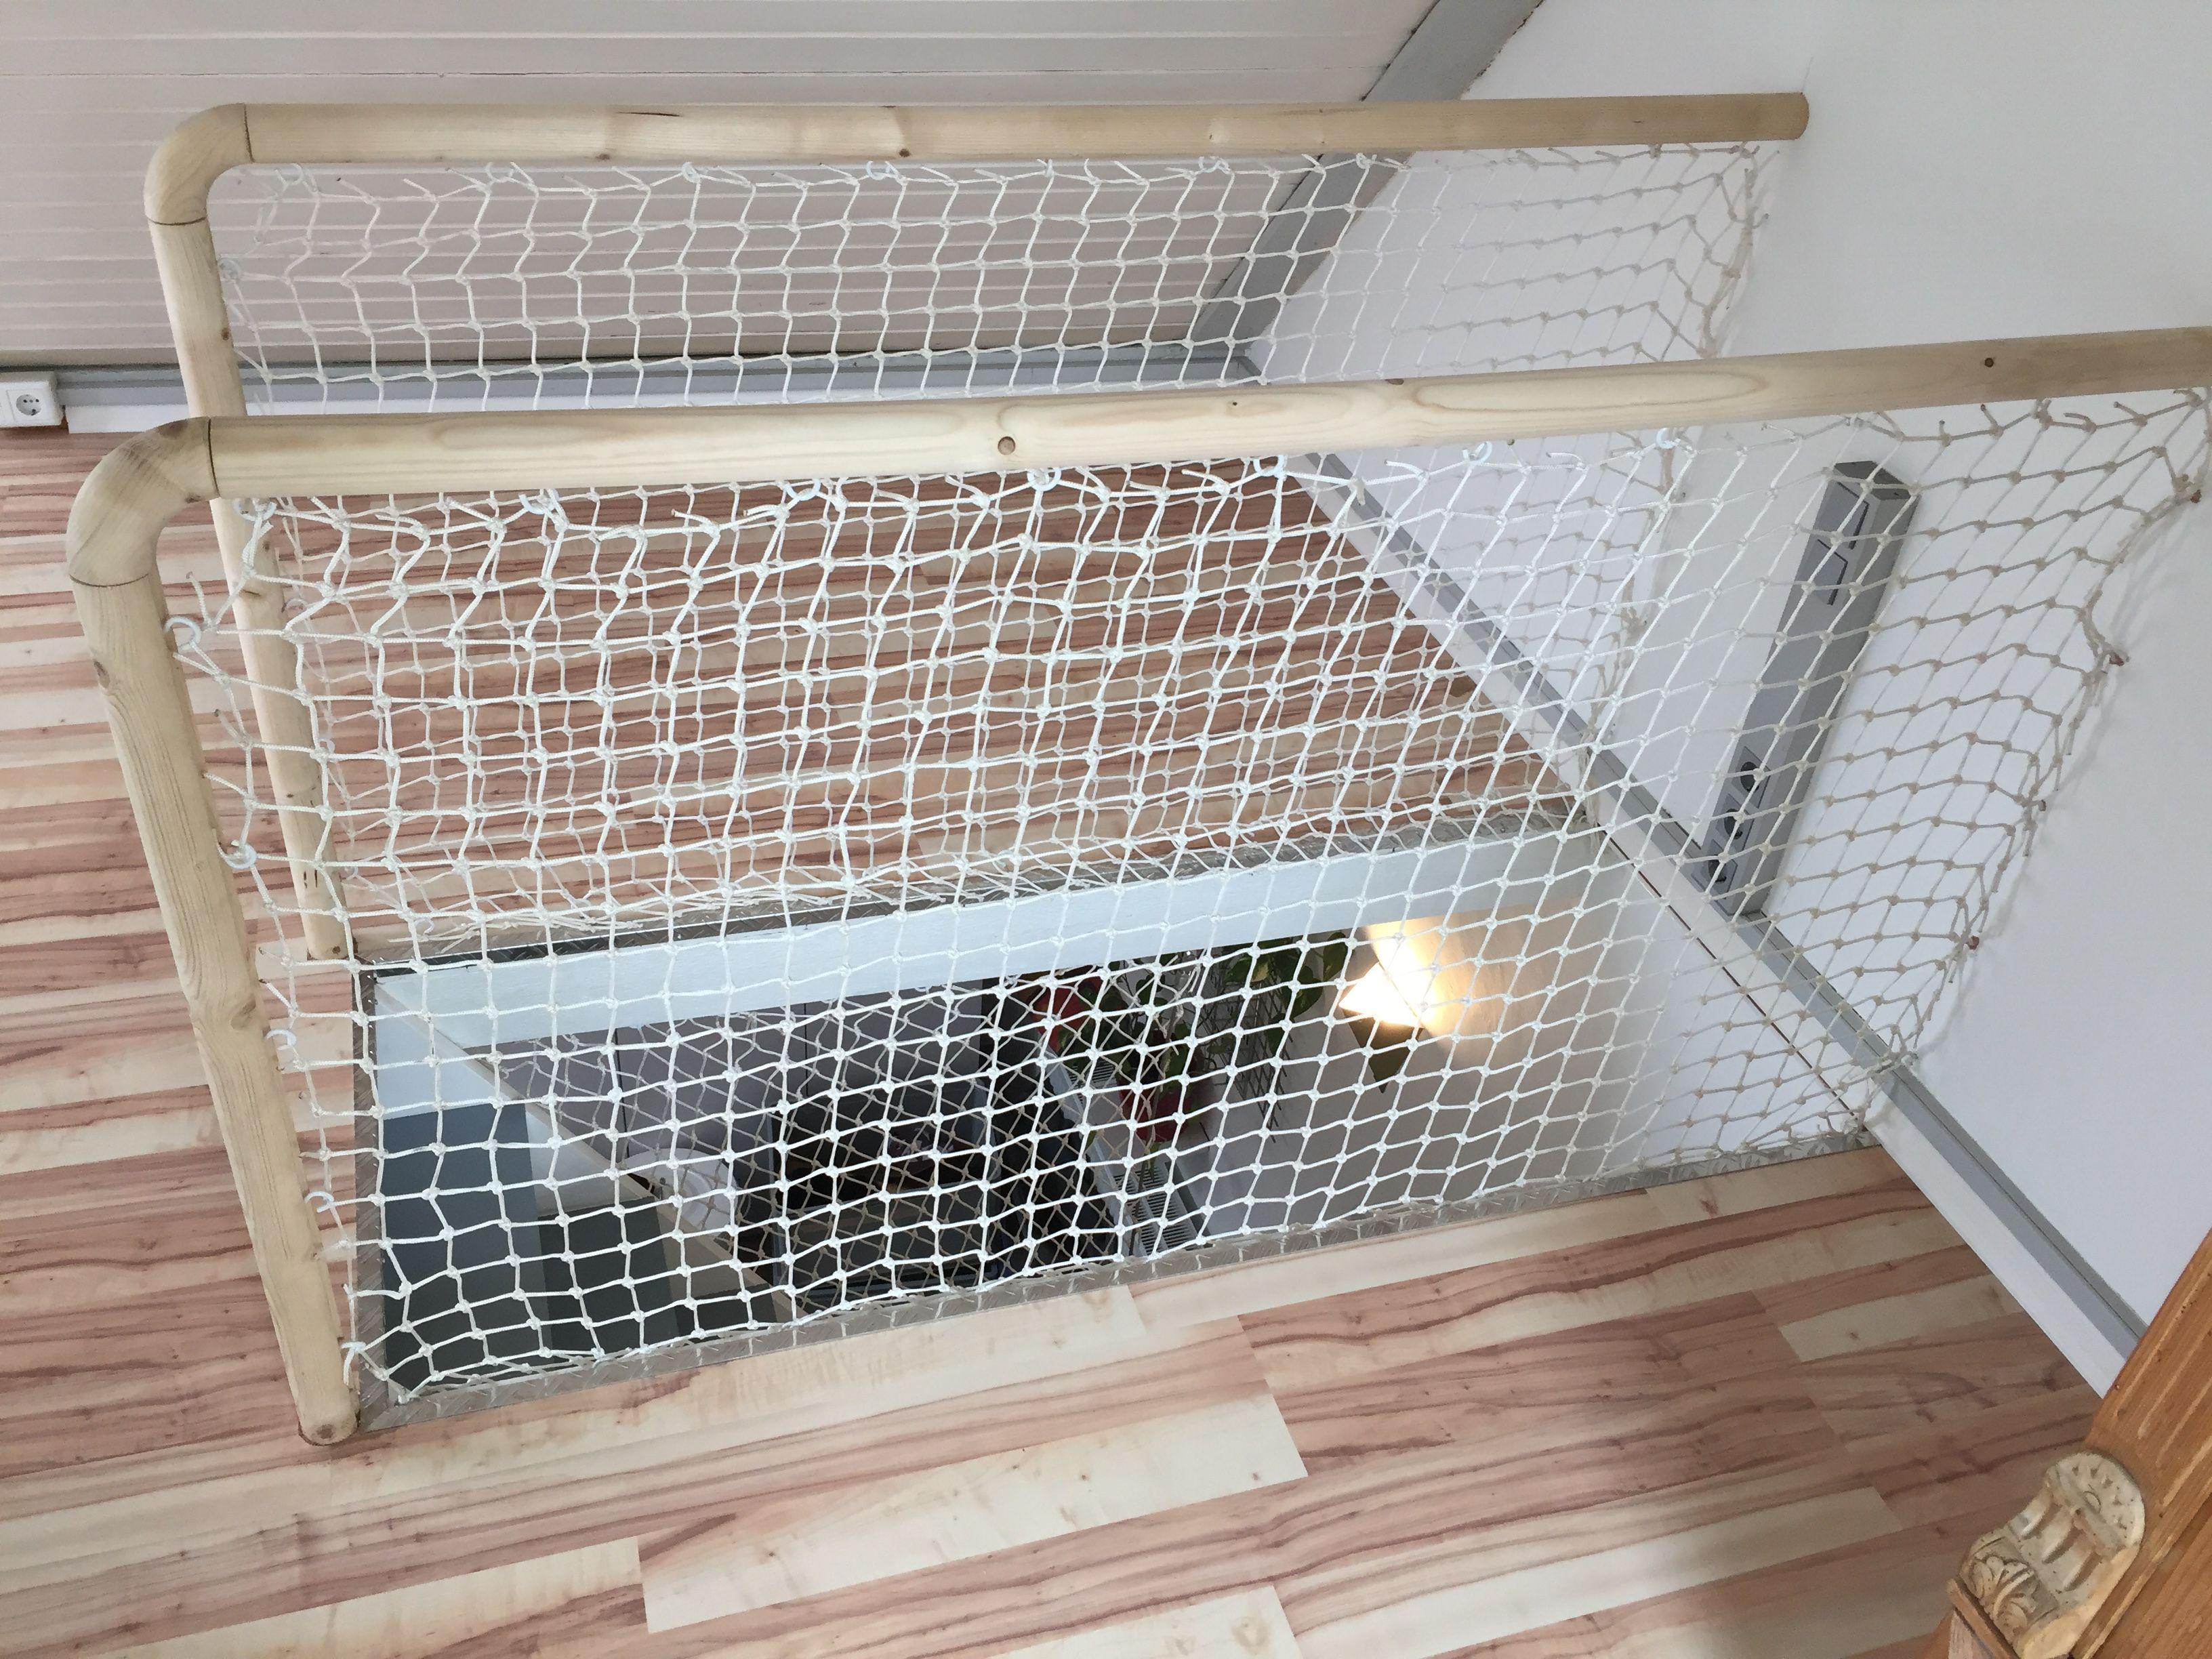 Garde Corps Rampe D Escalier Design Et Epuree Pour Une Maison D Architecture Realisee Sur Mesure Dans Un Maison D Architecture Garde Corps Rampe Escalier